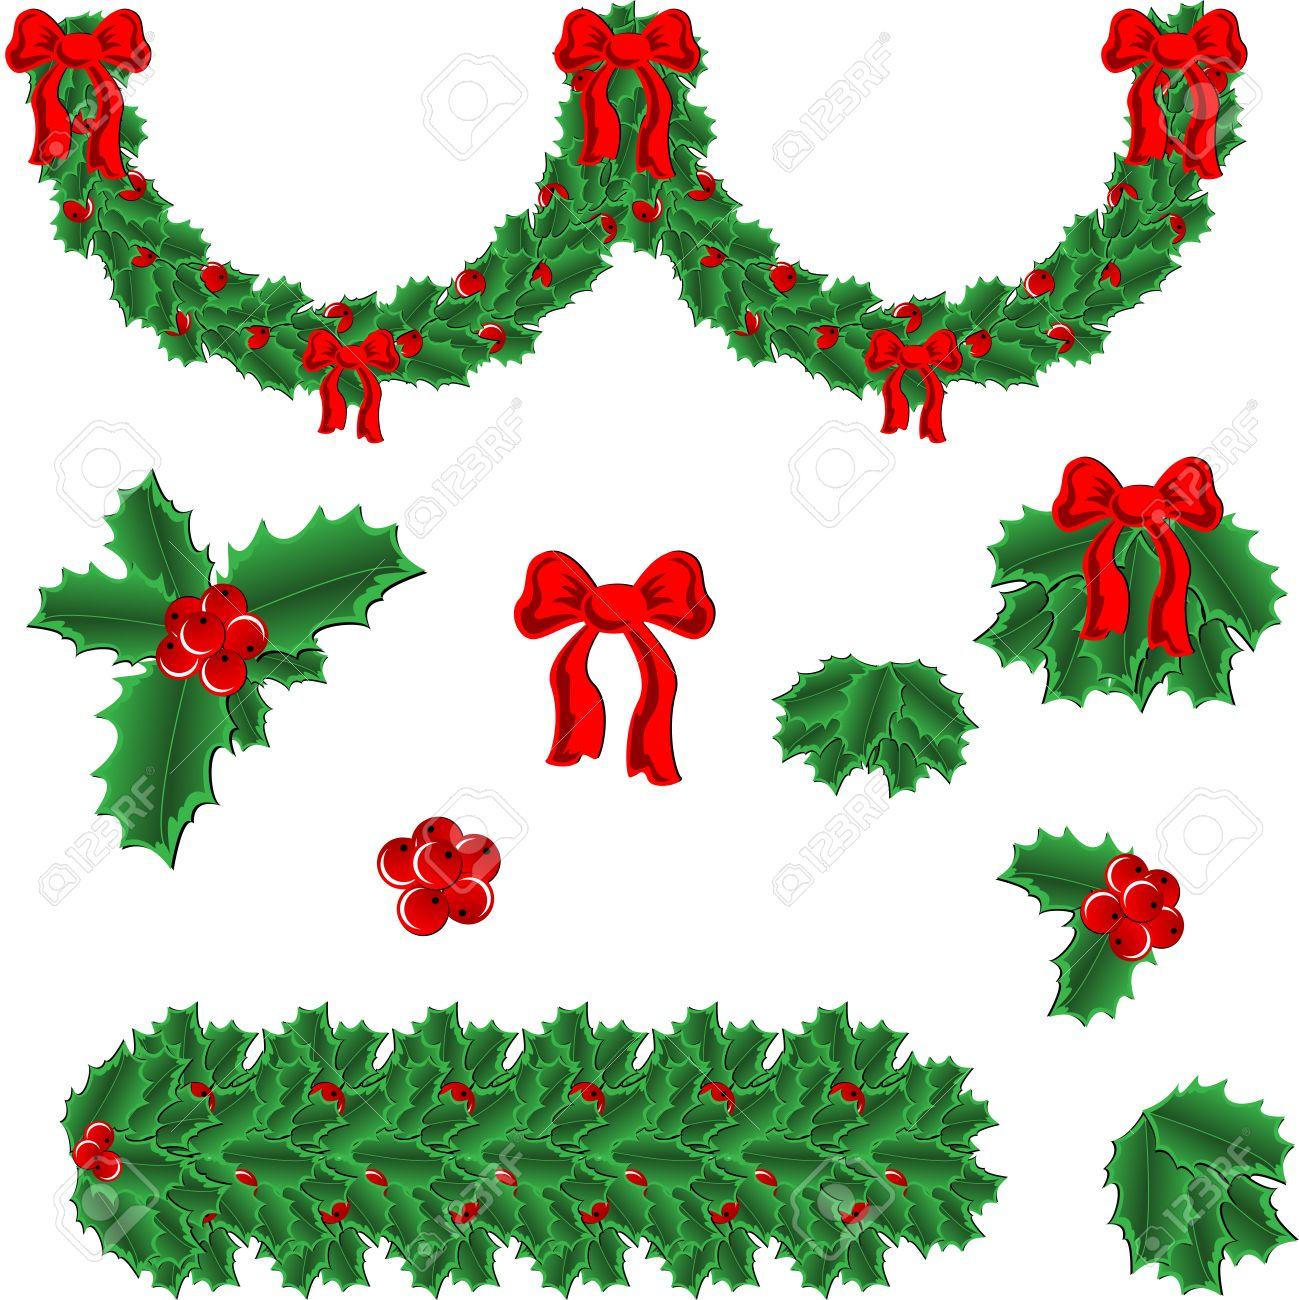 guirnalda de un vector y elementos del marco para decoracin de navidad de acebo foto de - Guirnalda Navidad